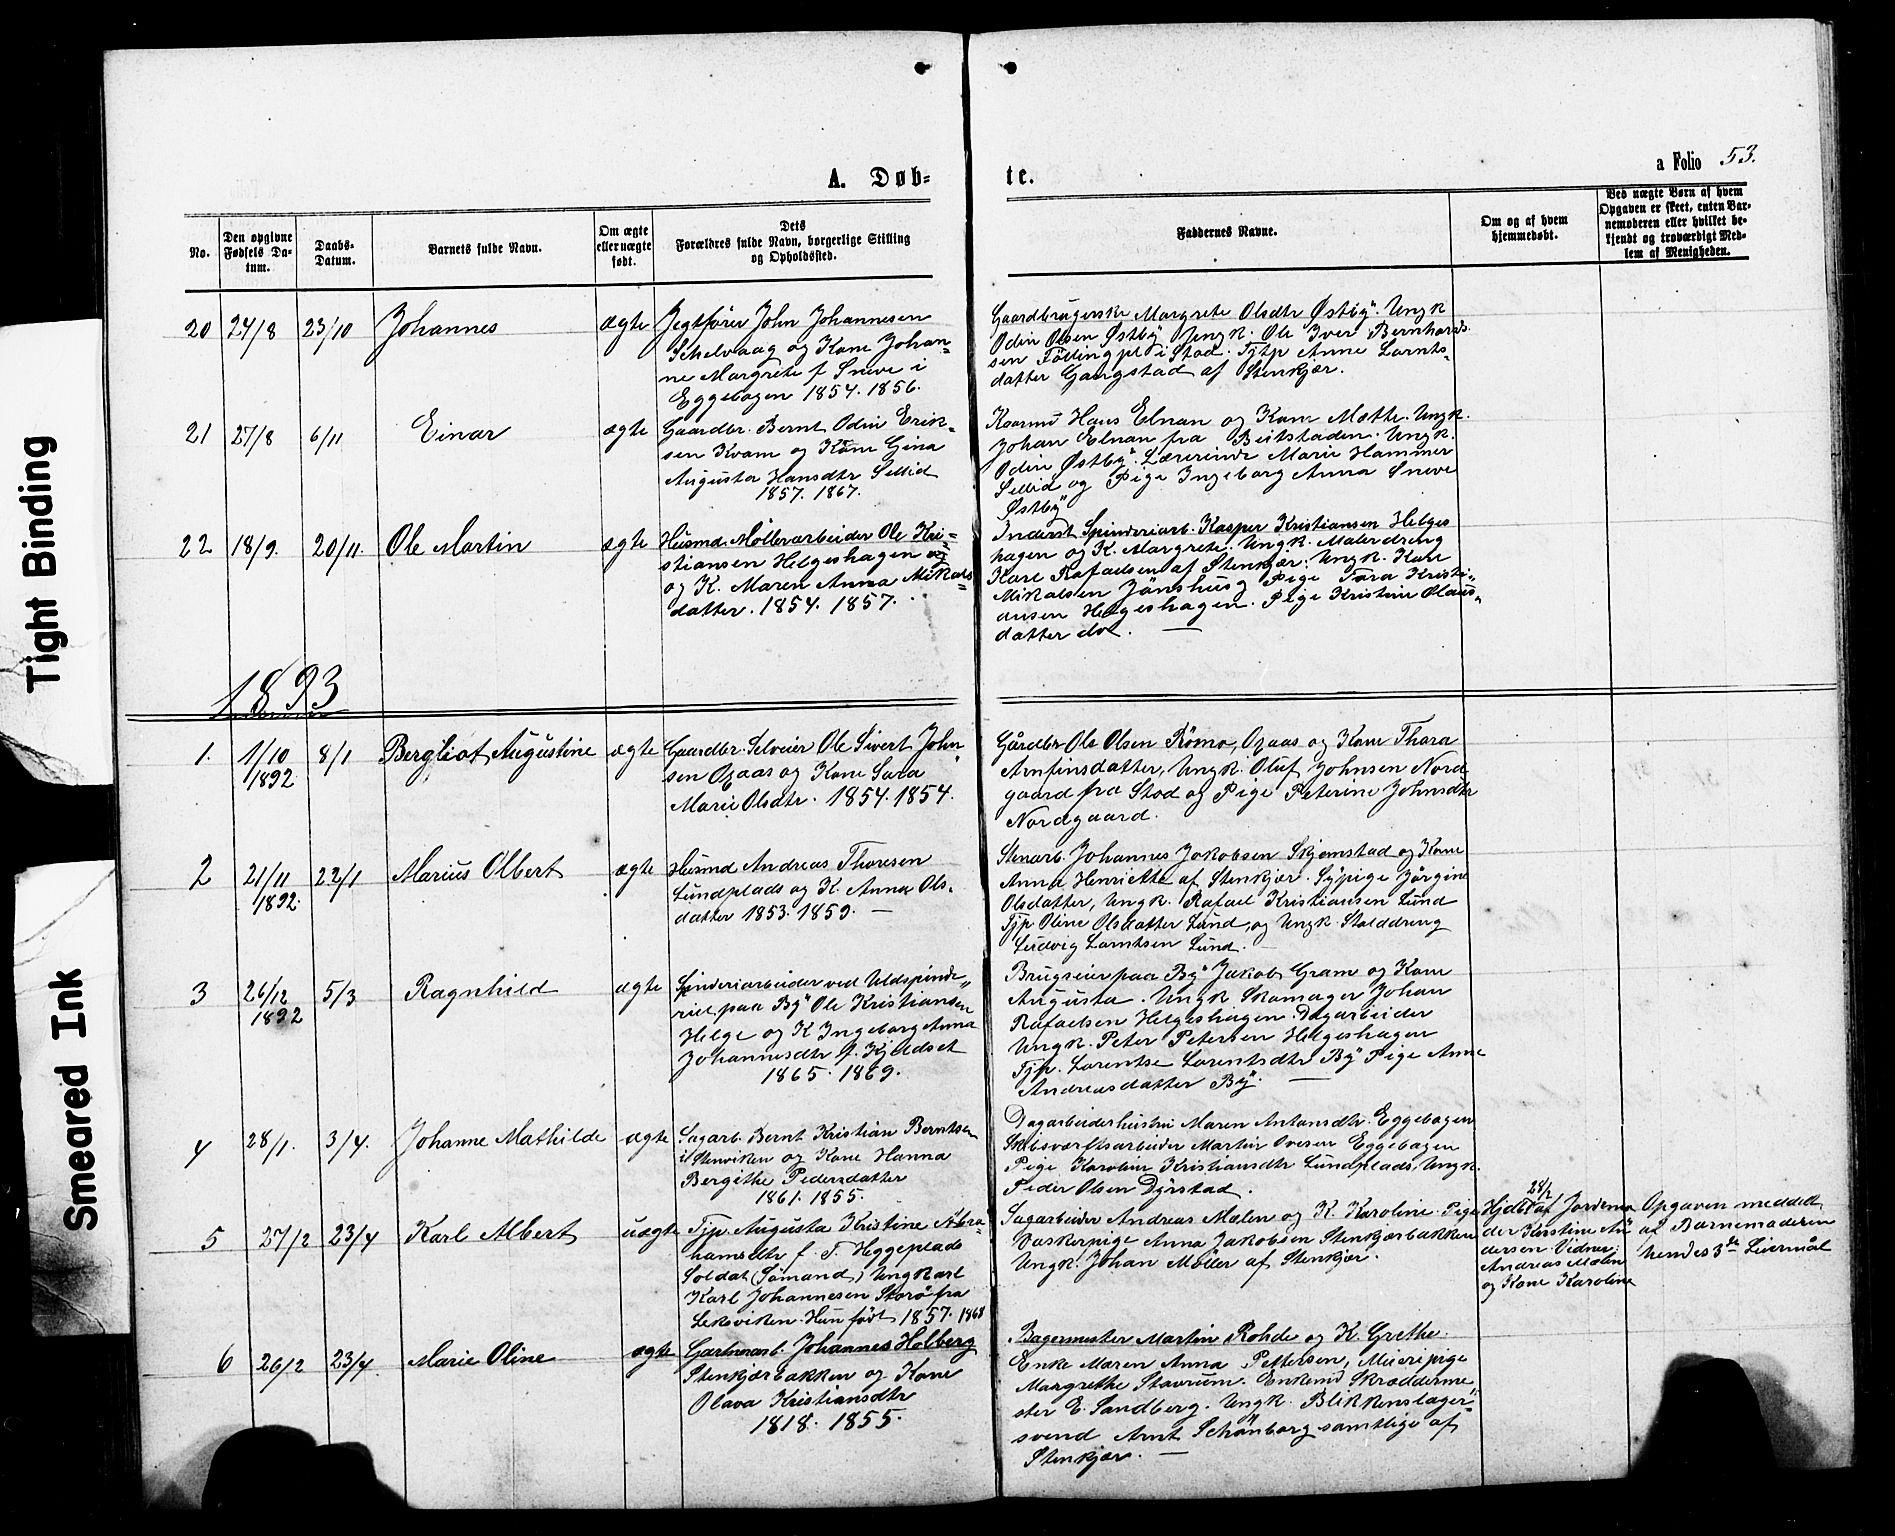 SAT, Ministerialprotokoller, klokkerbøker og fødselsregistre - Nord-Trøndelag, 740/L0380: Klokkerbok nr. 740C01, 1868-1902, s. 53